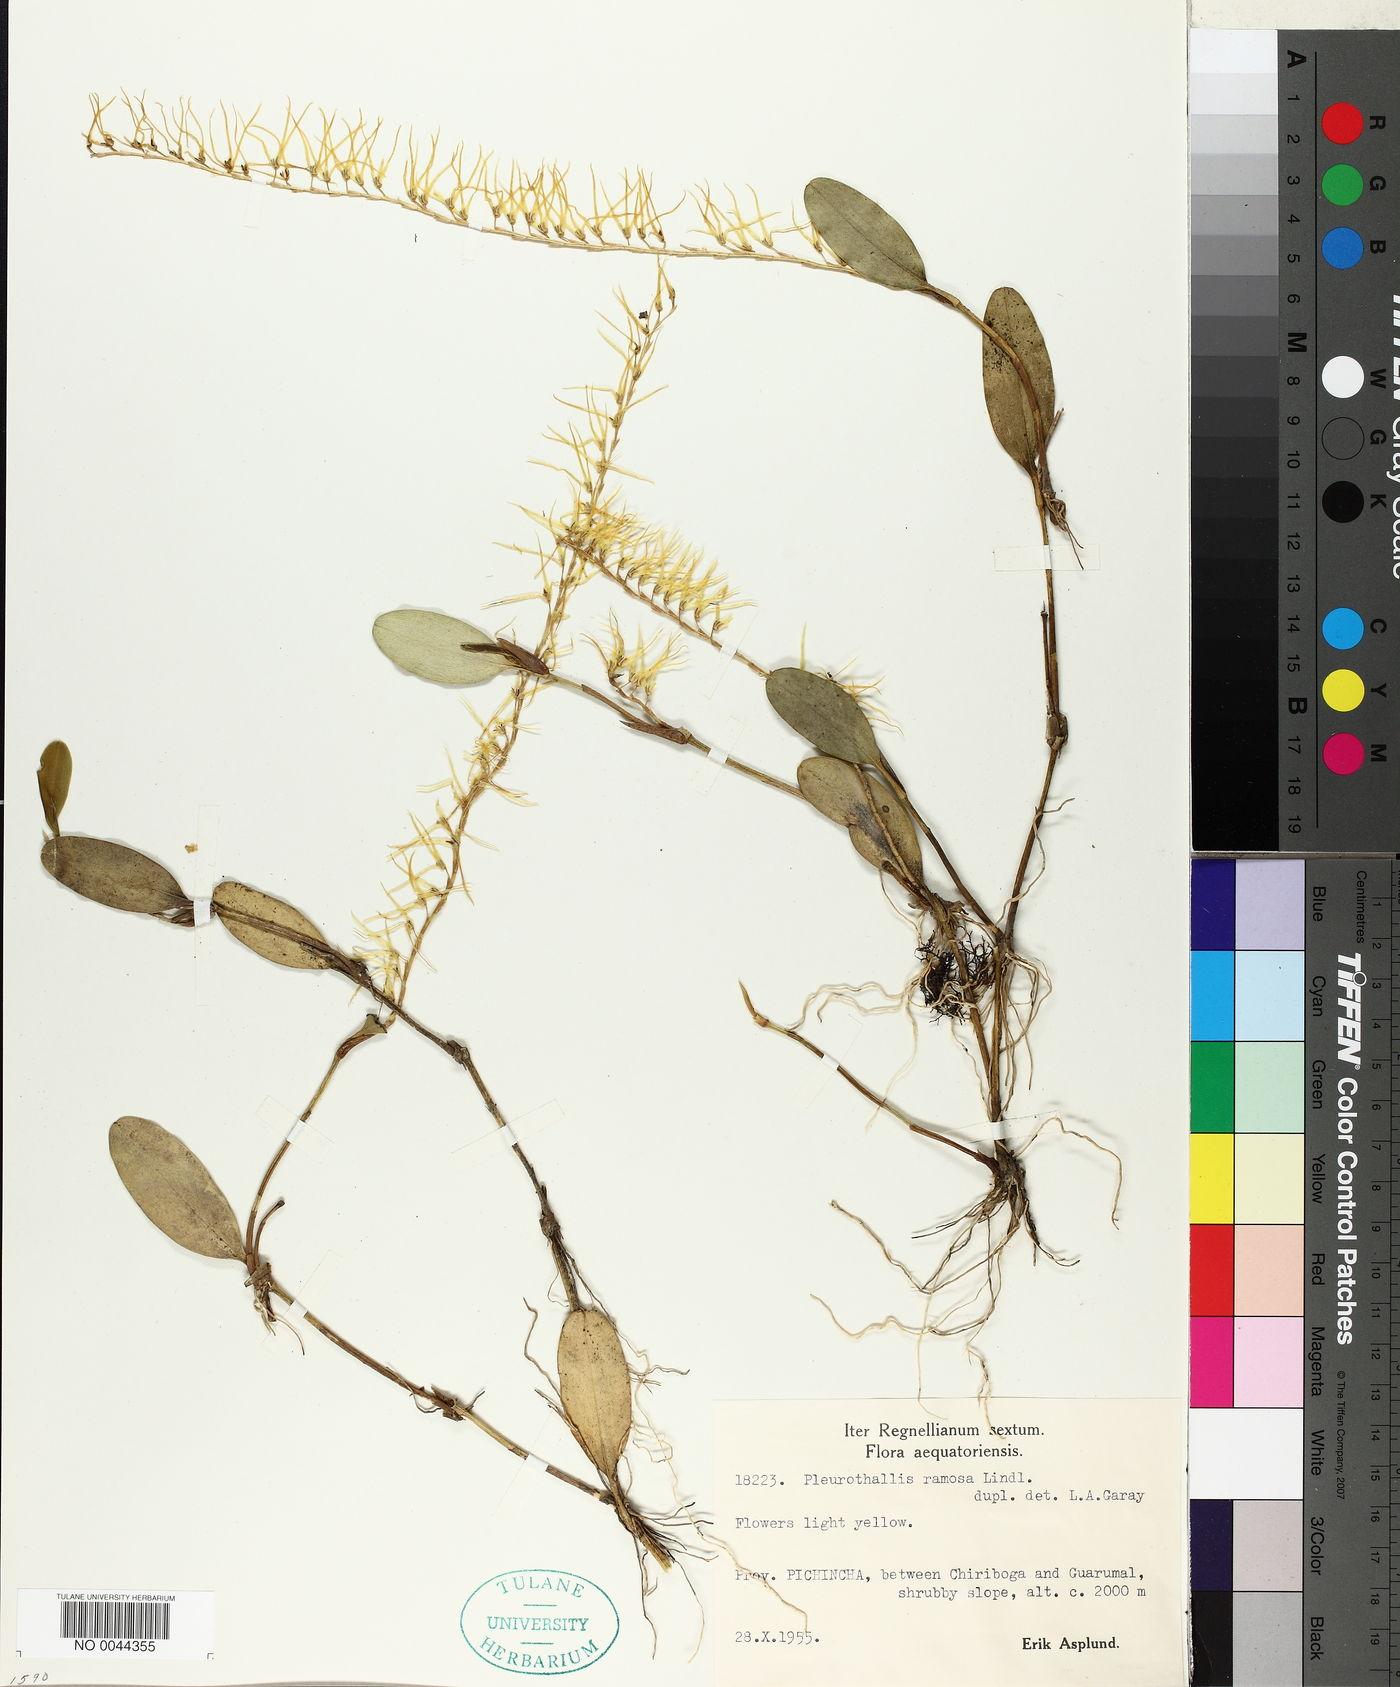 Acianthera ramosa image